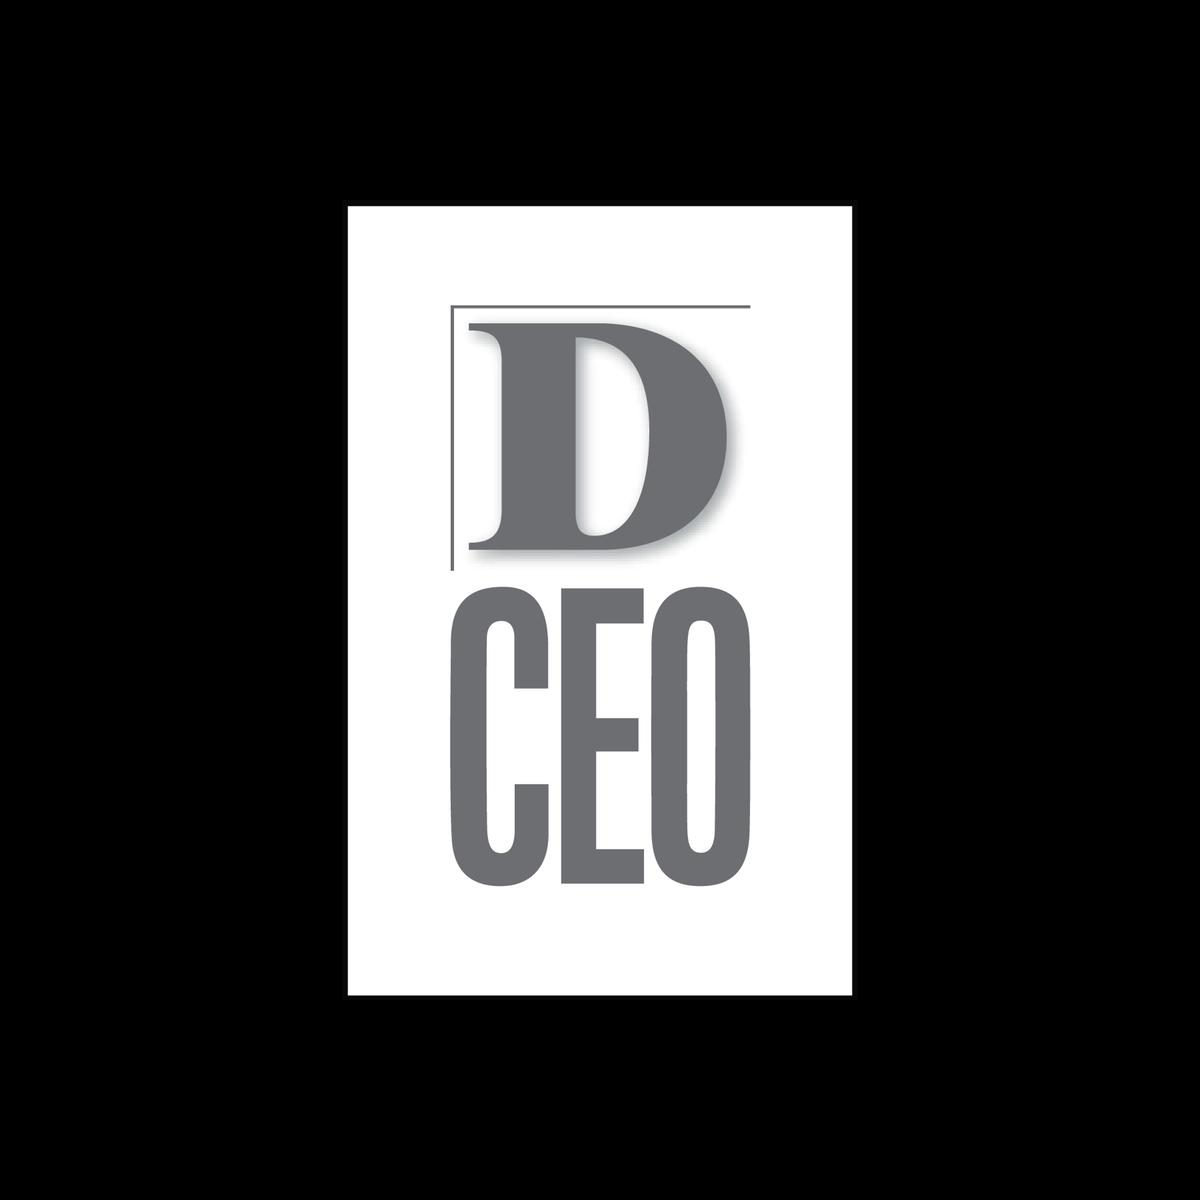 dceo-logo